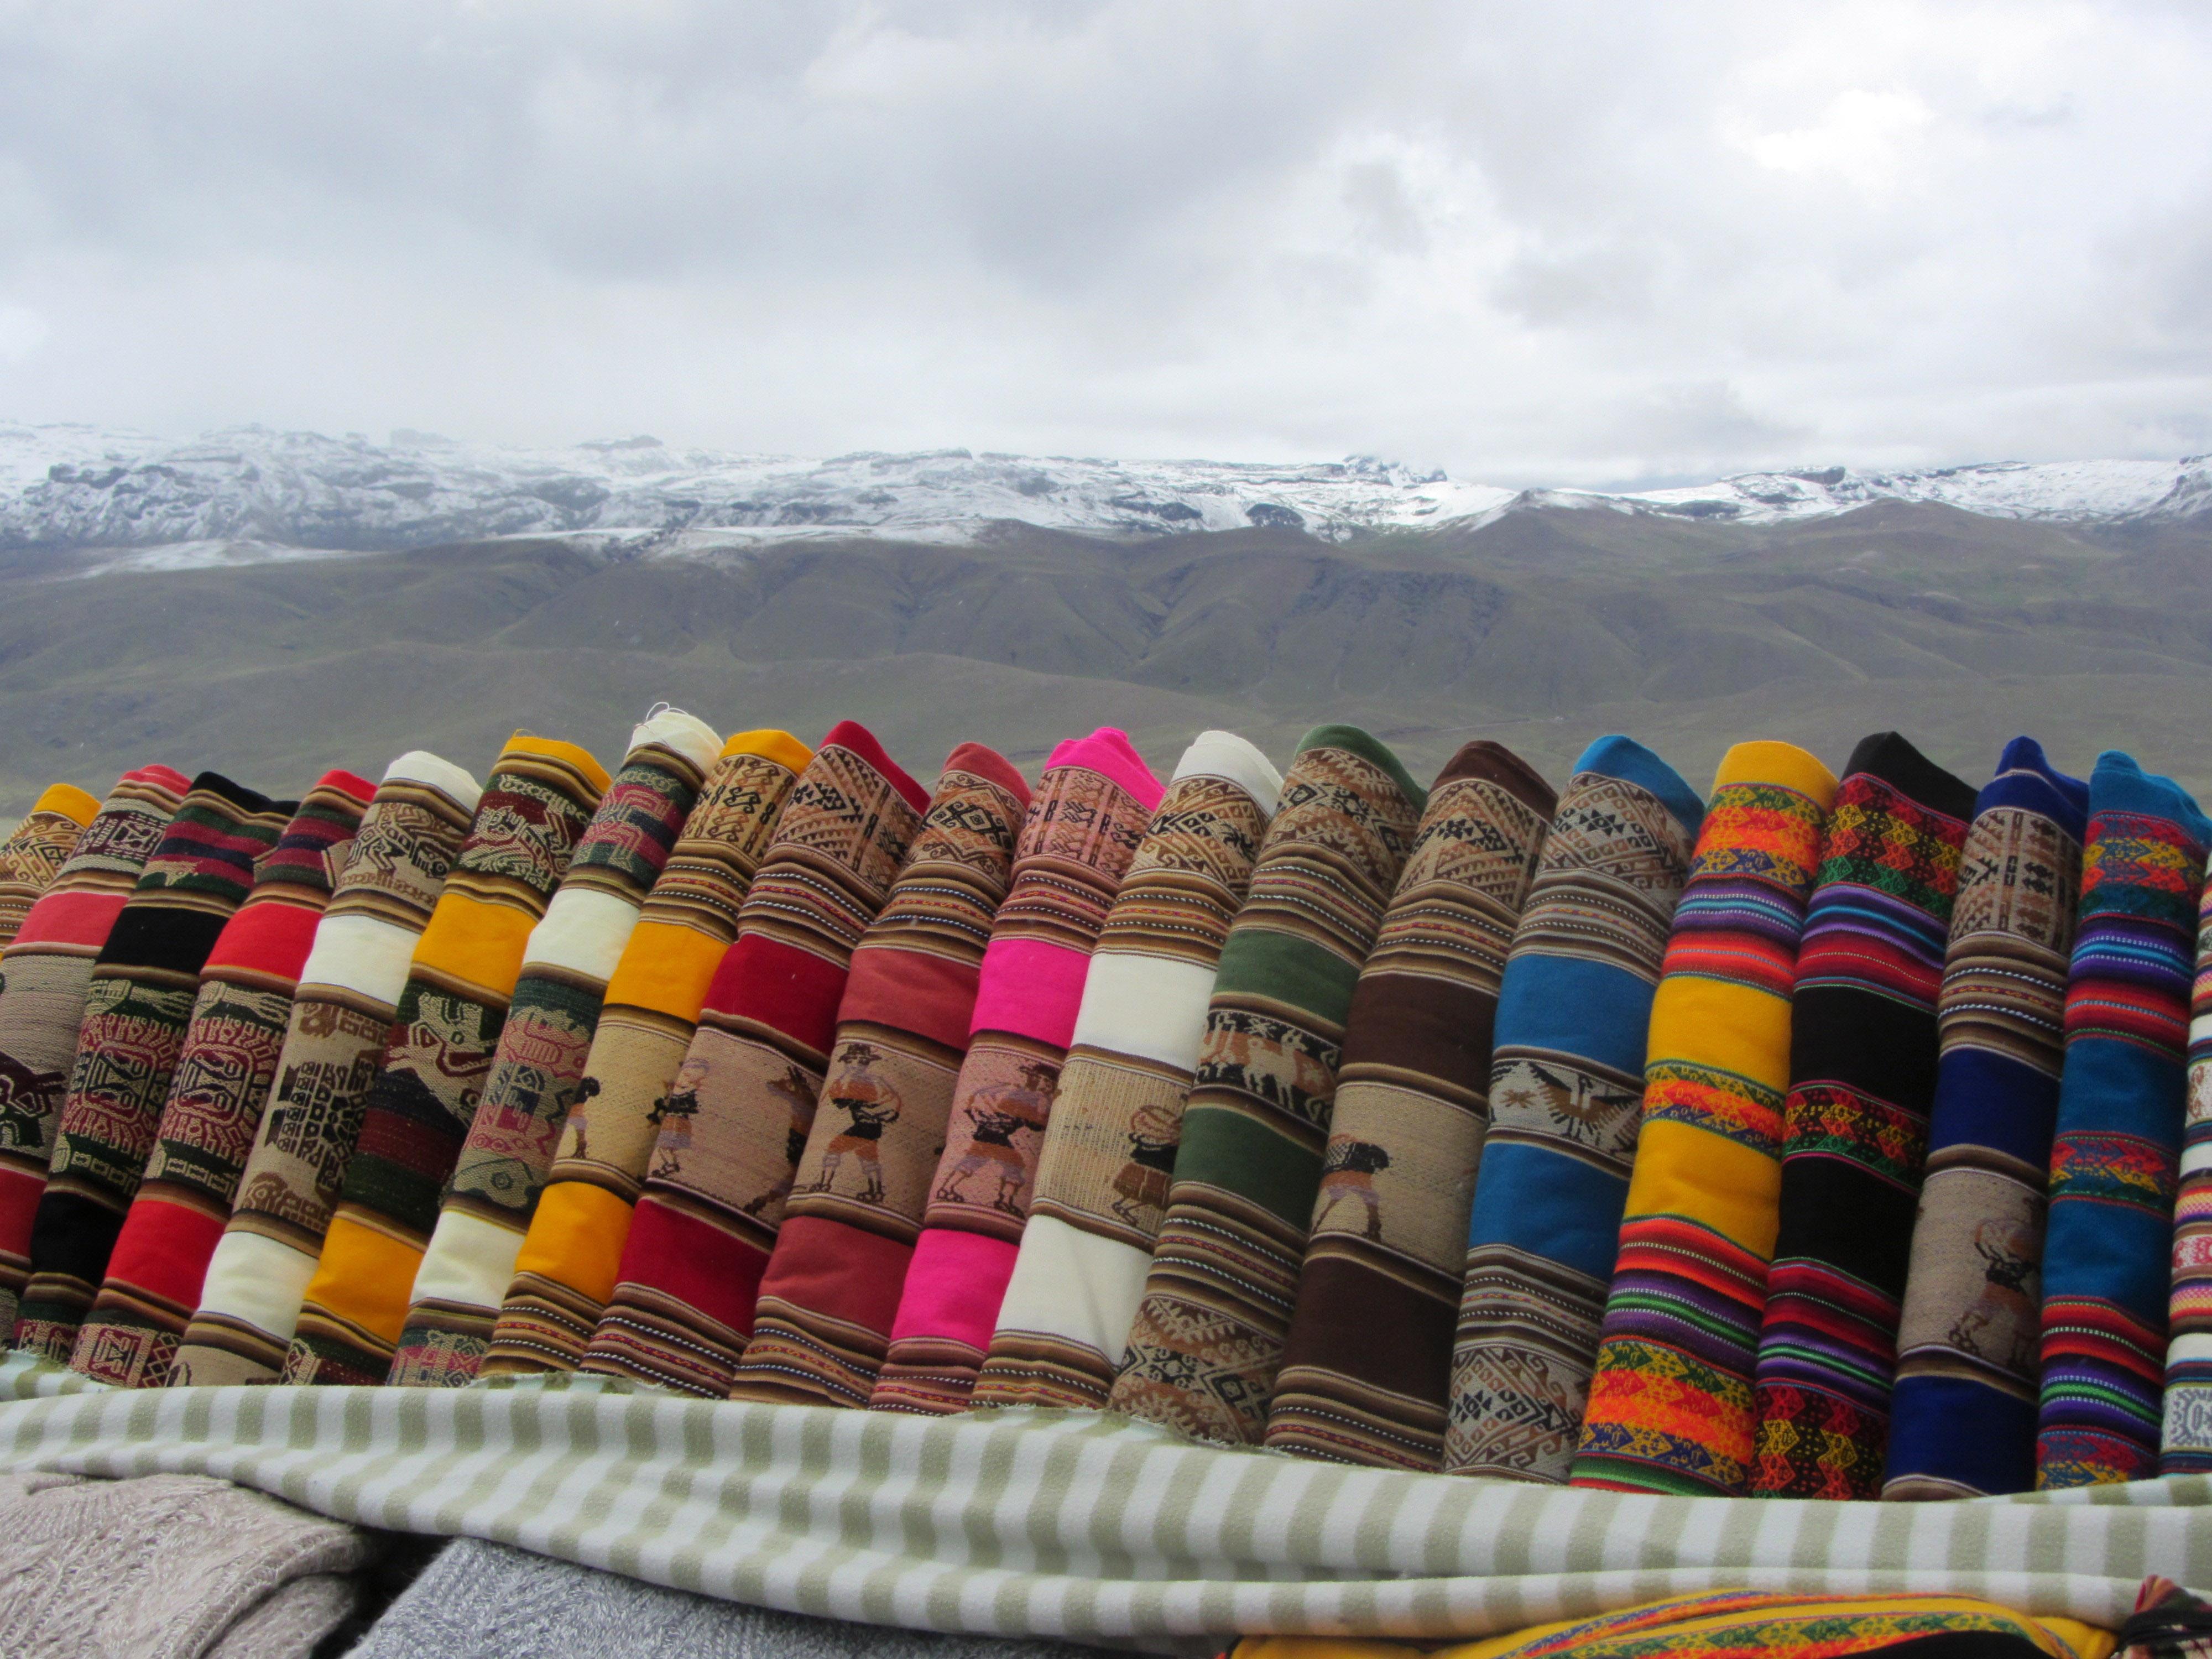 Incan Fabric Patterns in Machu Picchu, Peru.